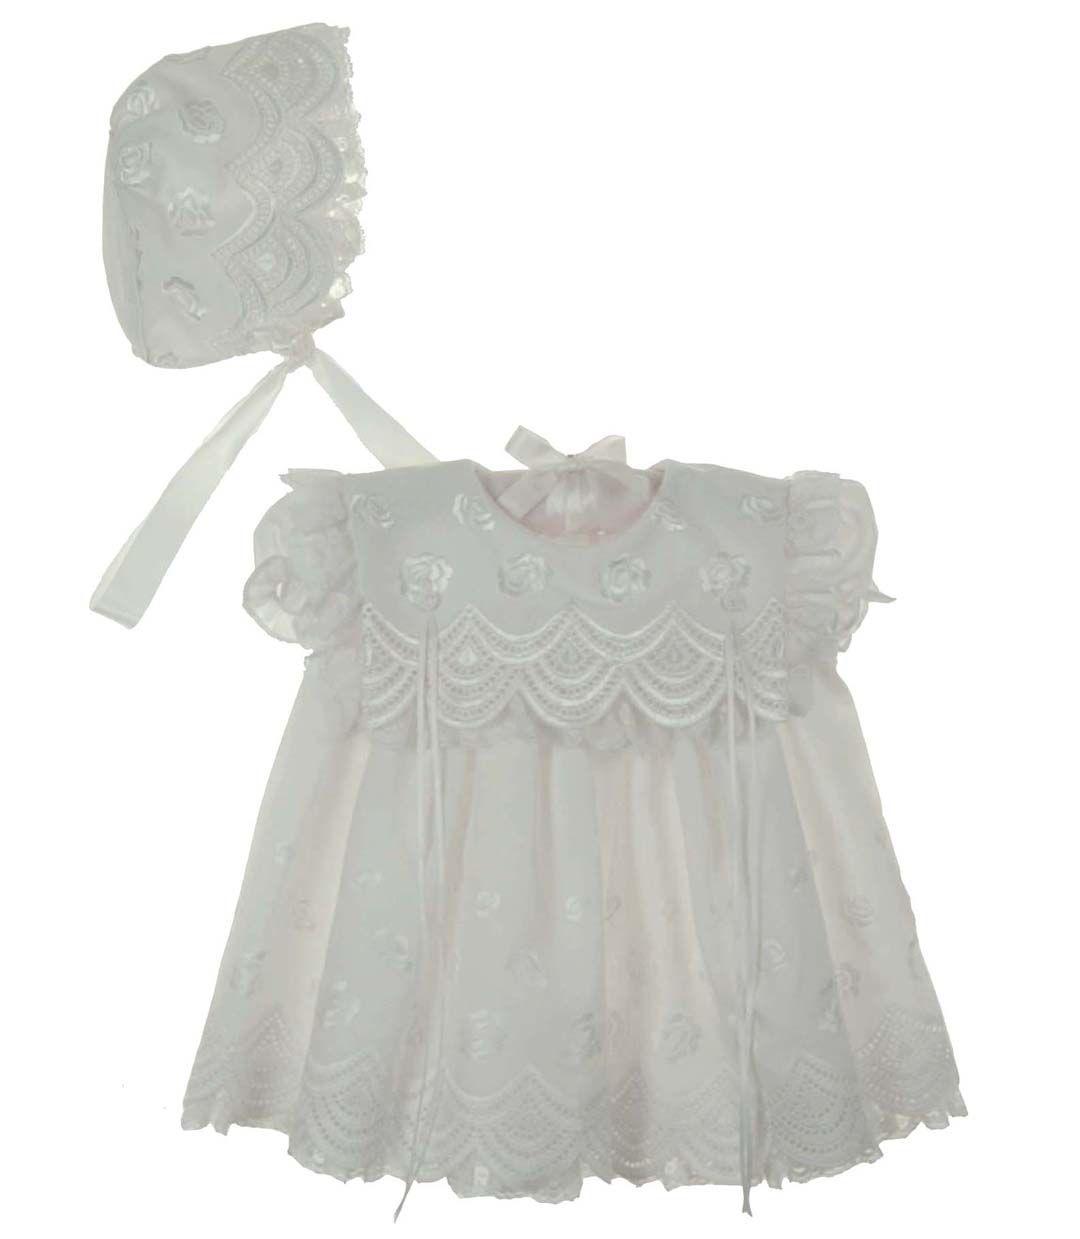 New C I Castro White Eyelet Embroidered Dress And Bonnet Set 65 00 Infant Flower Girl Dress Christening Dress Baby Girl Girls Baptism Dress [ 1239 x 1080 Pixel ]